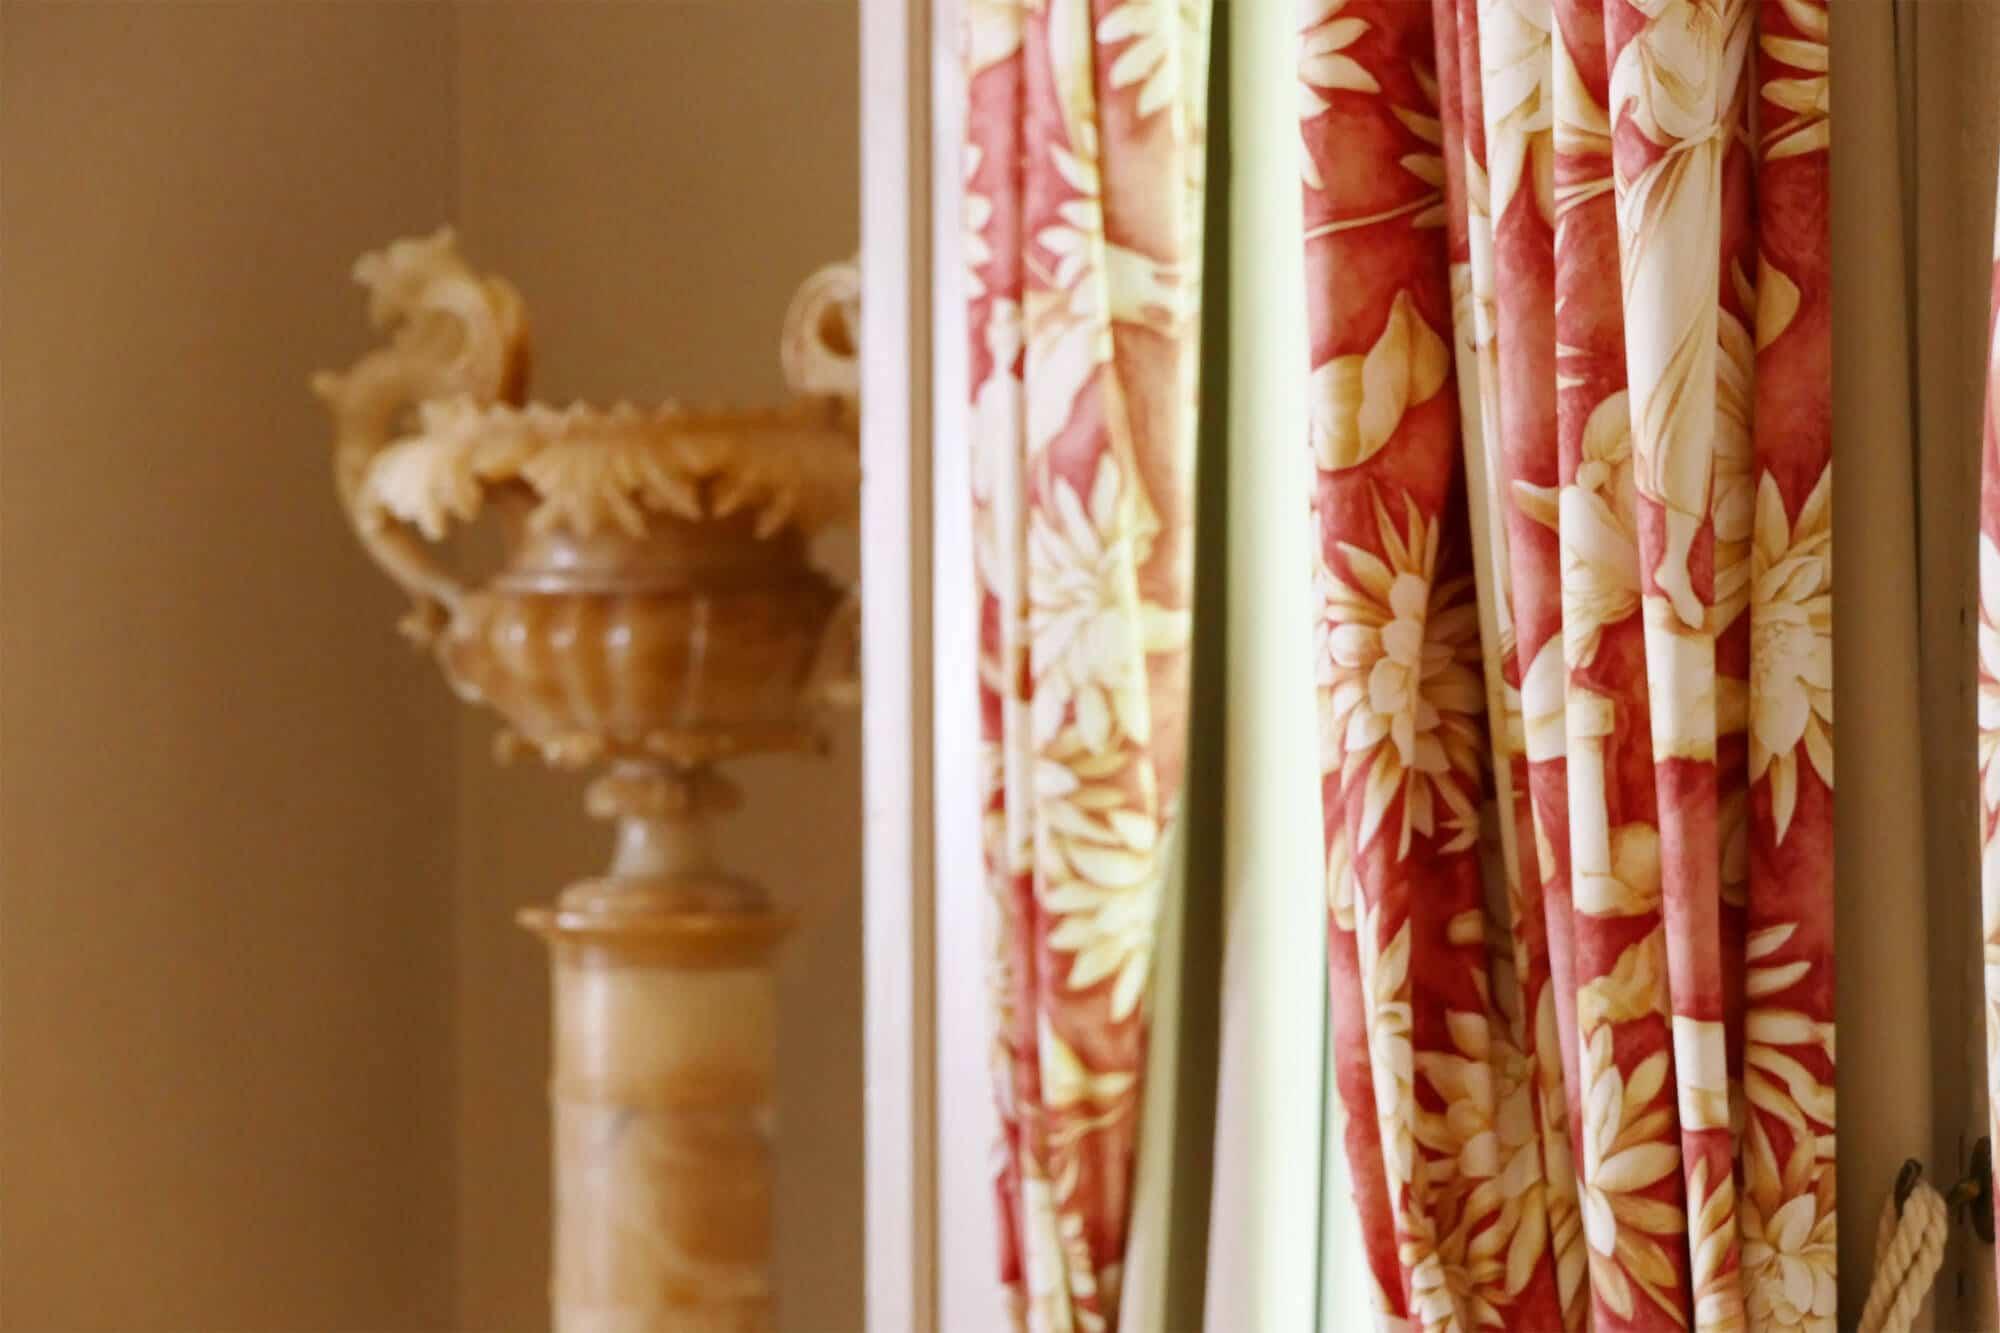 Vorhang und Vase im Seminarraum